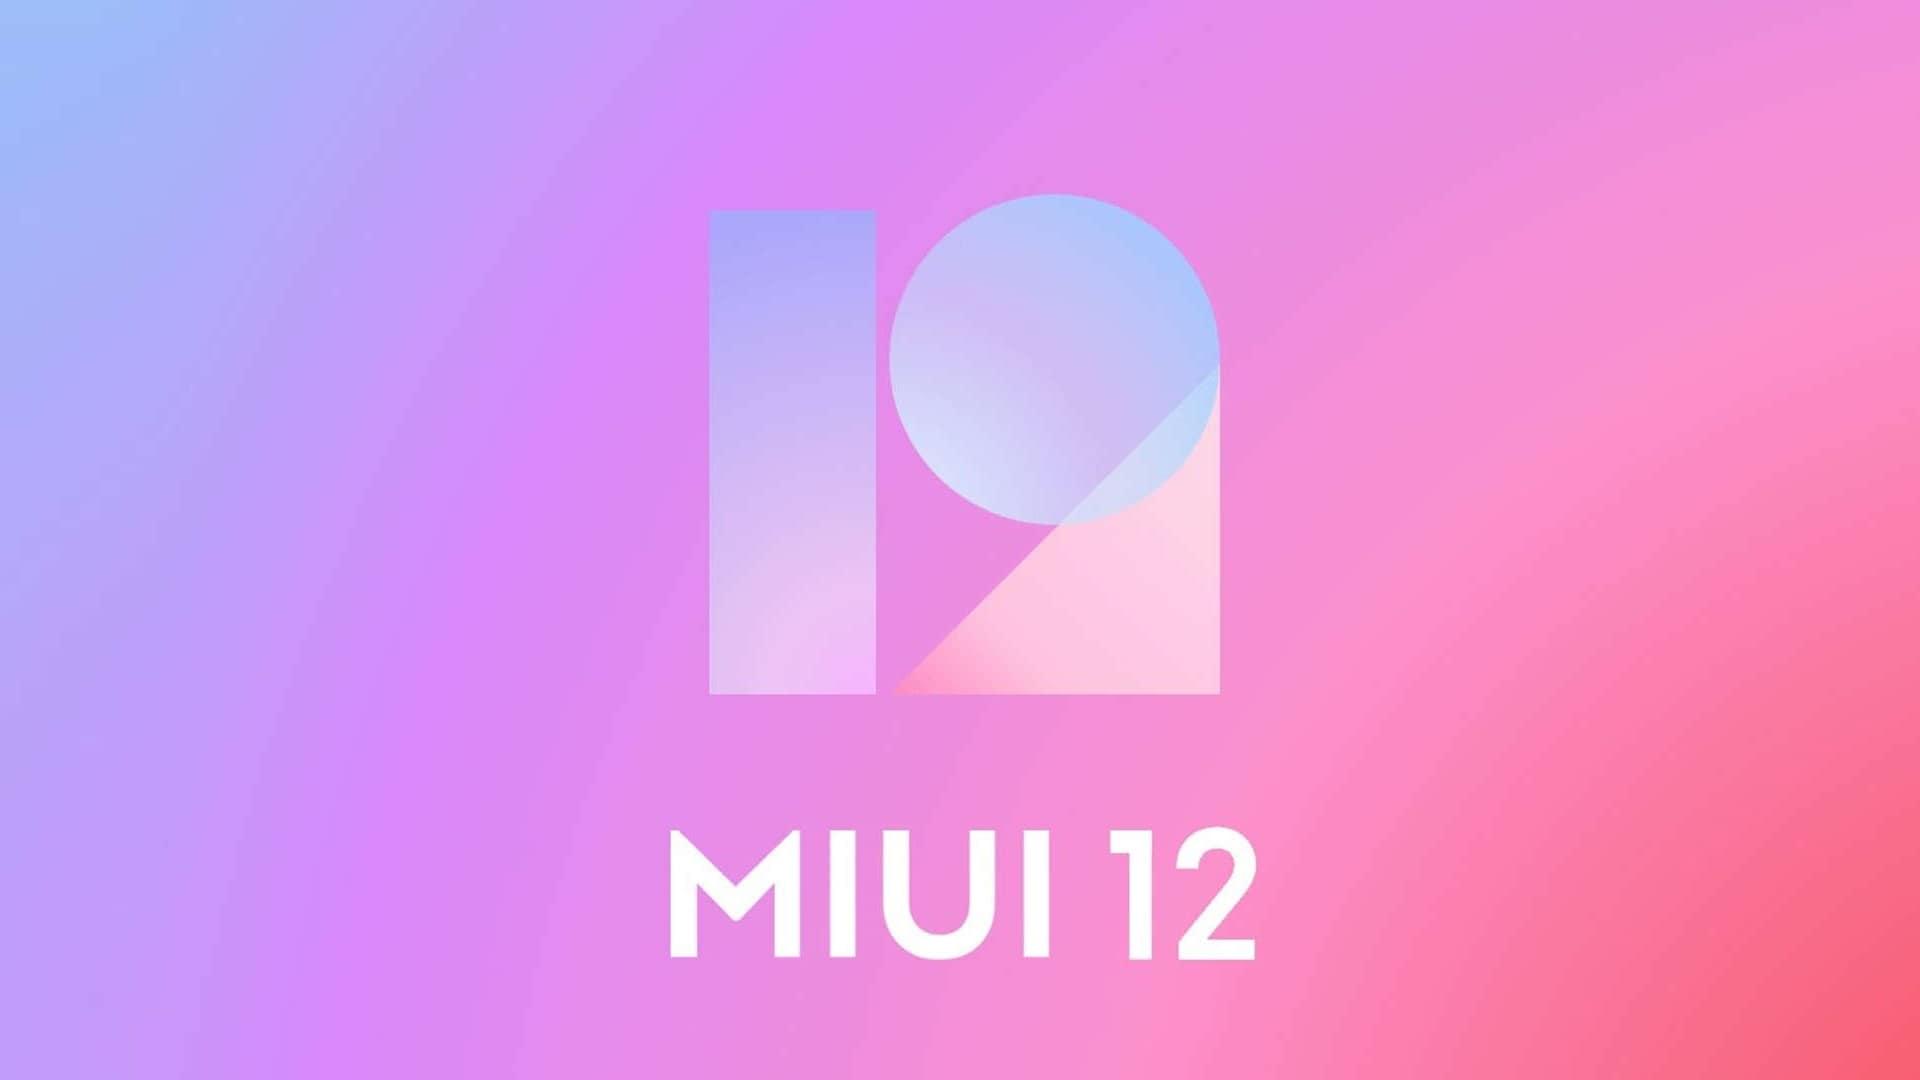 Brutte notizie per Redmi Y3, Redmi 7, Redmi 6 / 6A: la MIUI 12 non arriverà, marcia indietro di Xiaomi